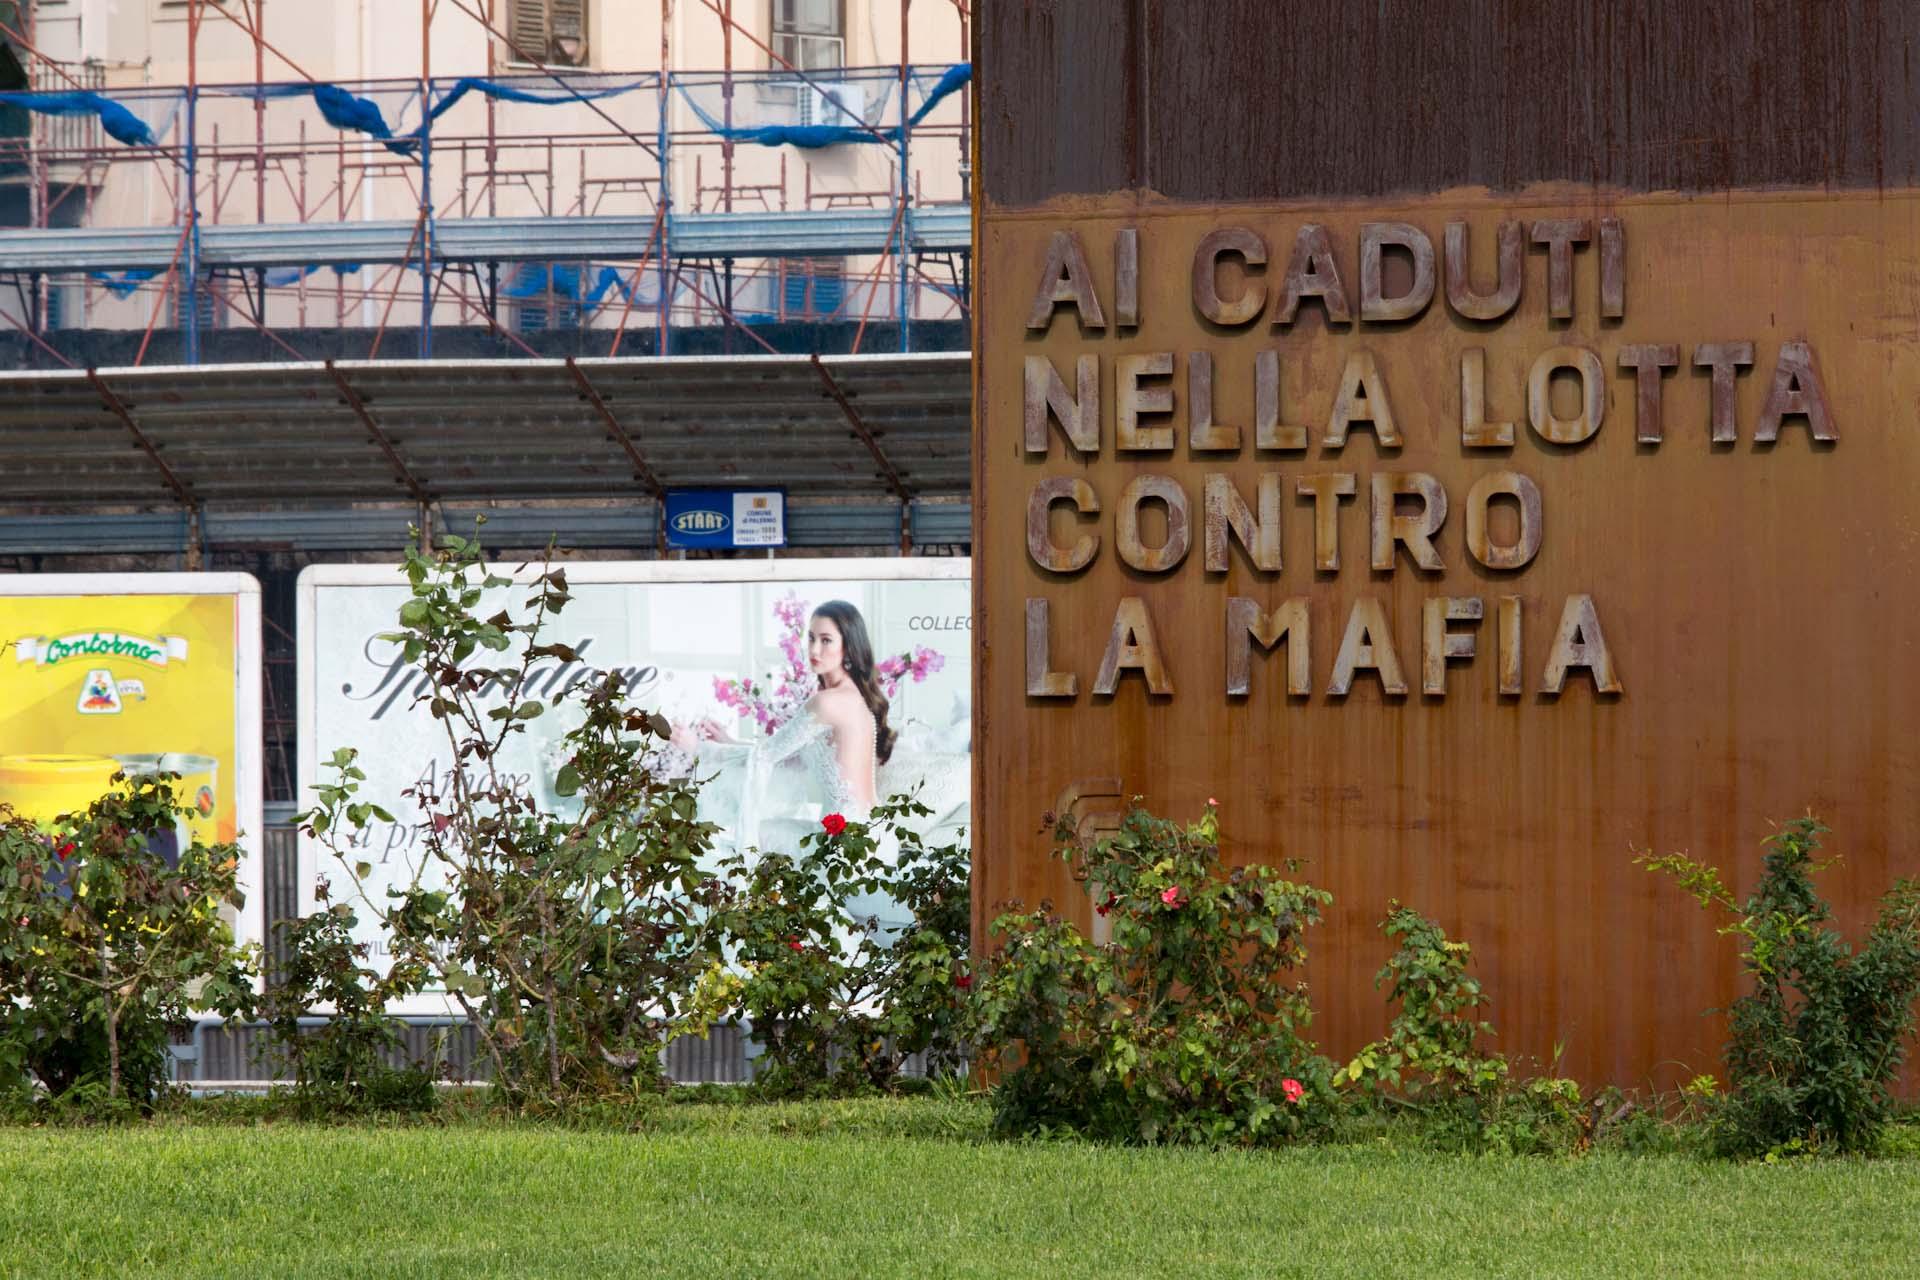 Gedenkstätte der im Kampf gegen die Mafia Gestorbenen - Ai caduti nella lotta contro la Mafia – Memorial of the dead in the fight against the Mafia